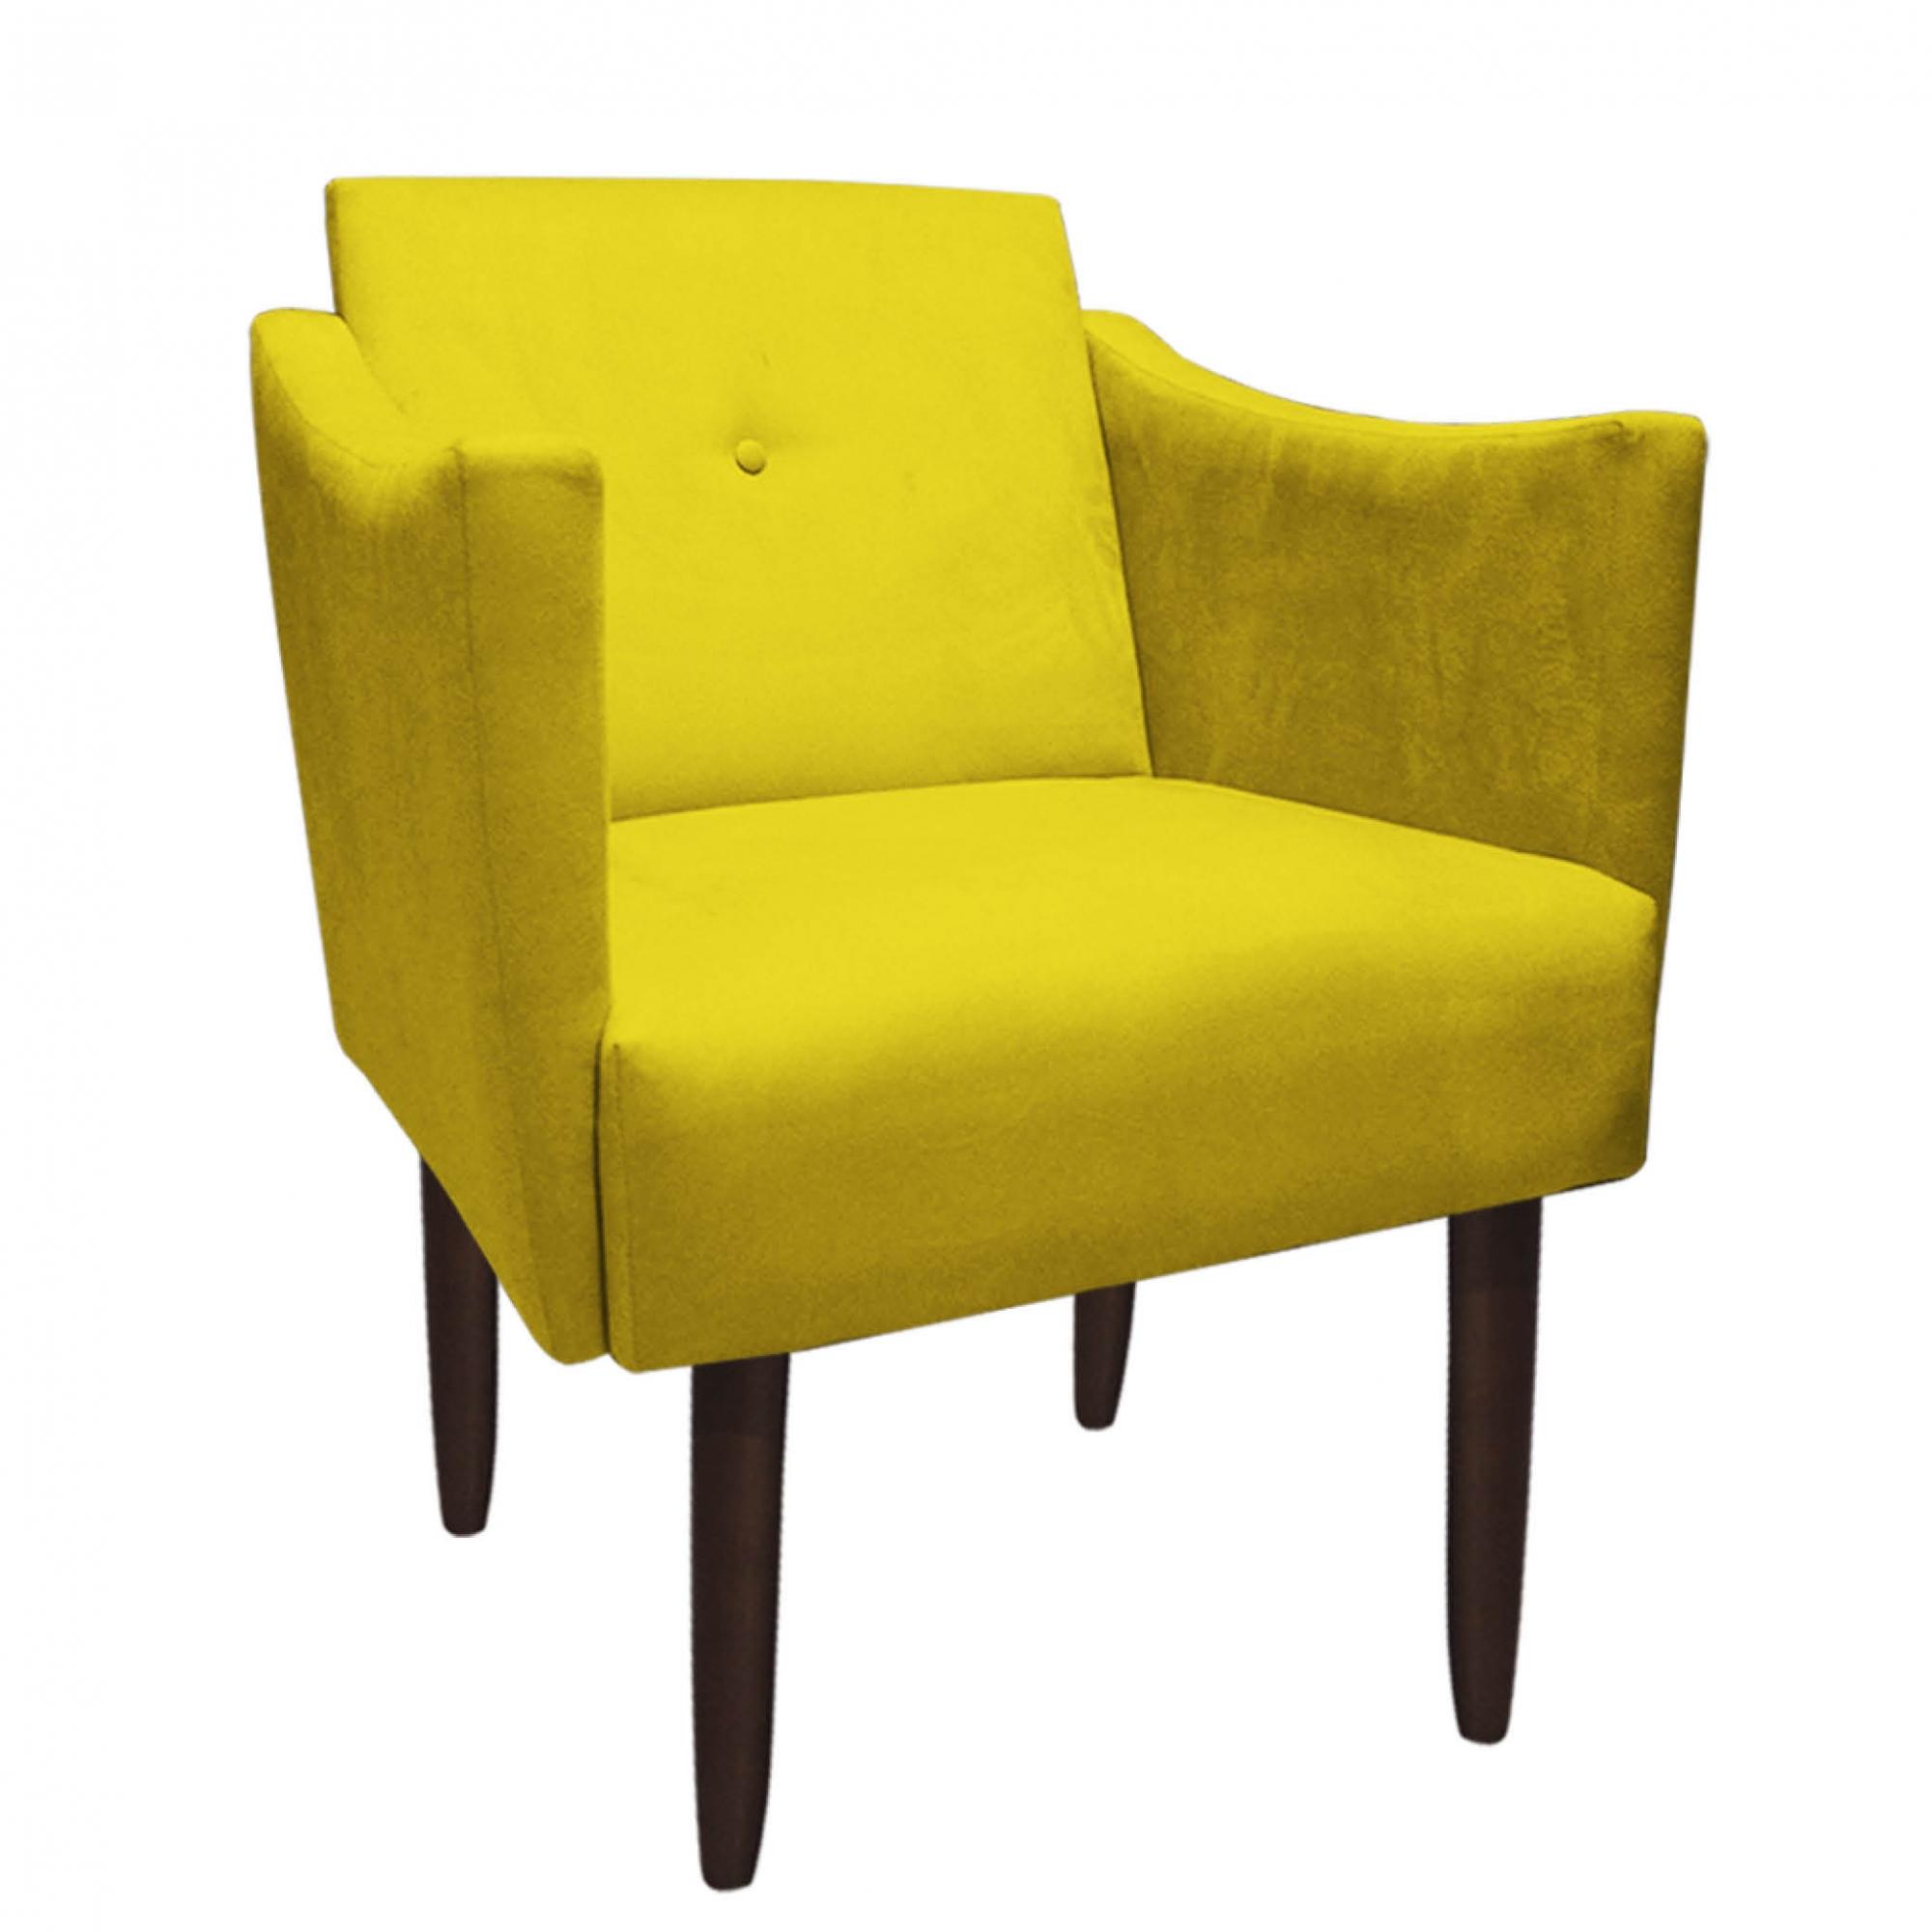 Poltrona Naty Decoração Clínica Salão Cadeira Recepção Escritório Estar D'Classe Decor Suede Amarelo